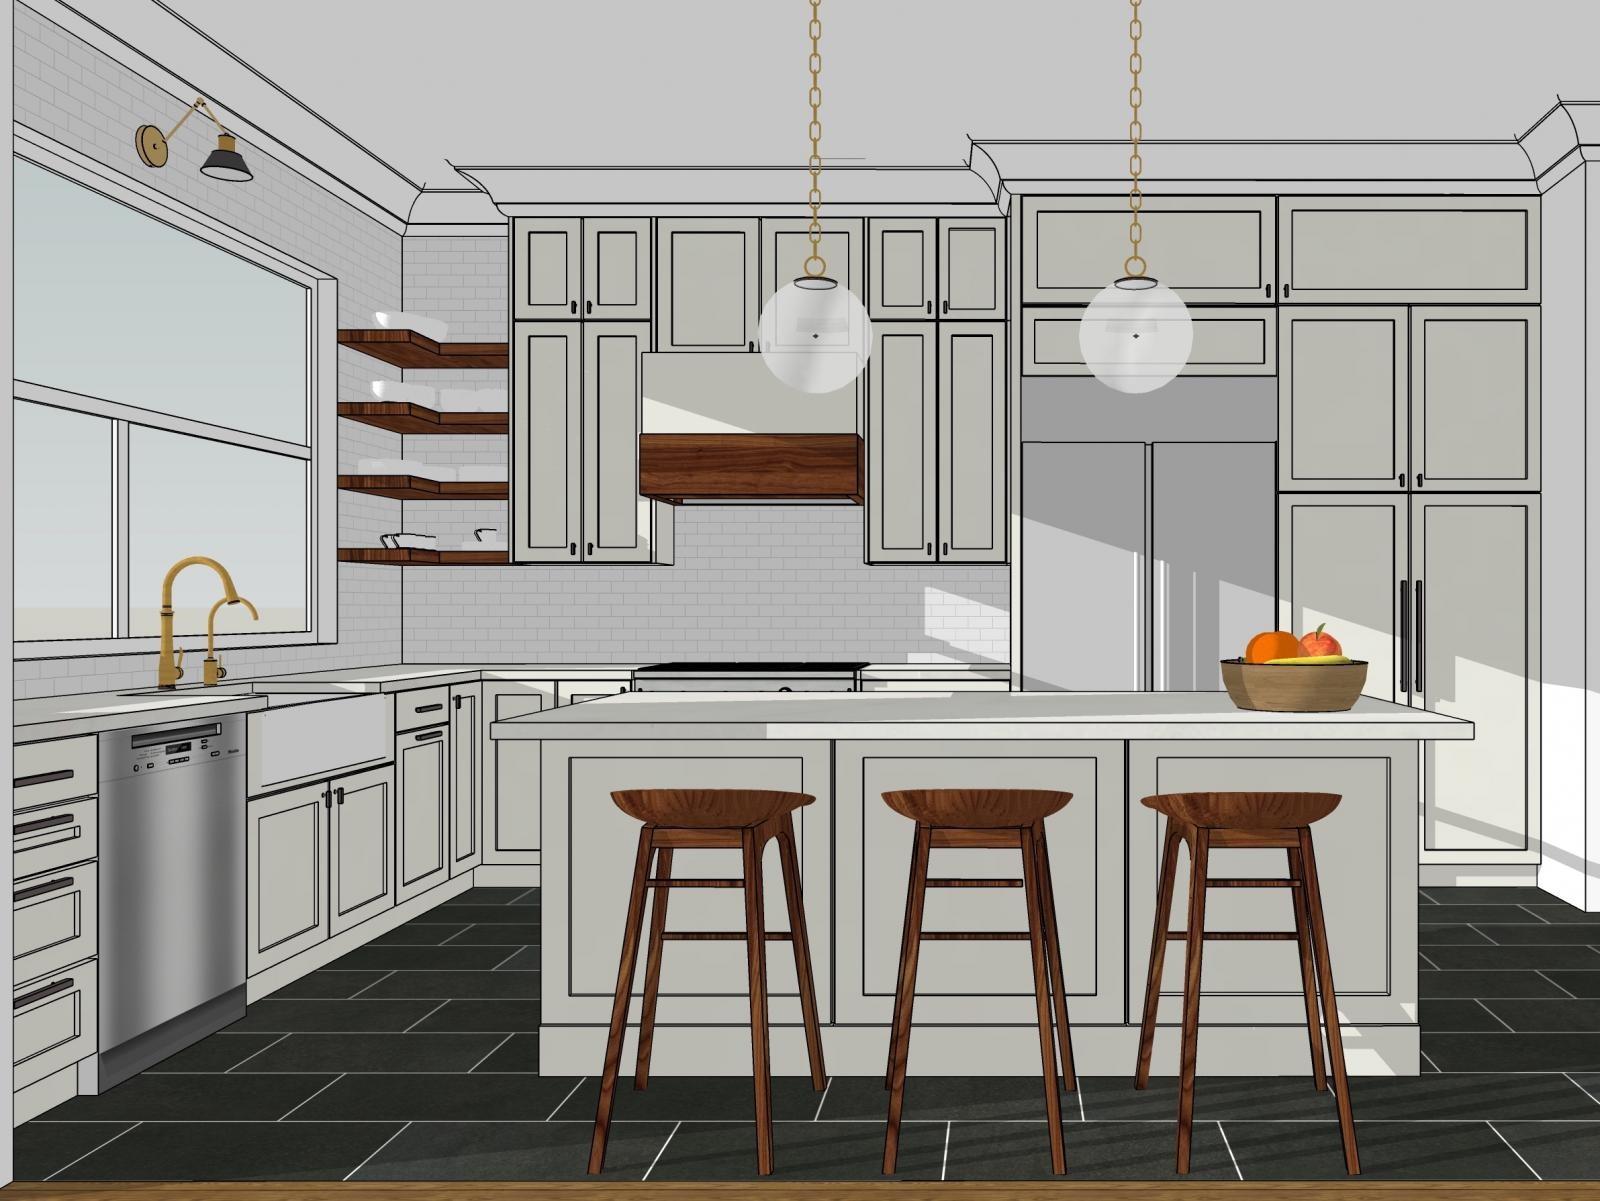 Cozinha Modelada no SketchUp Pro